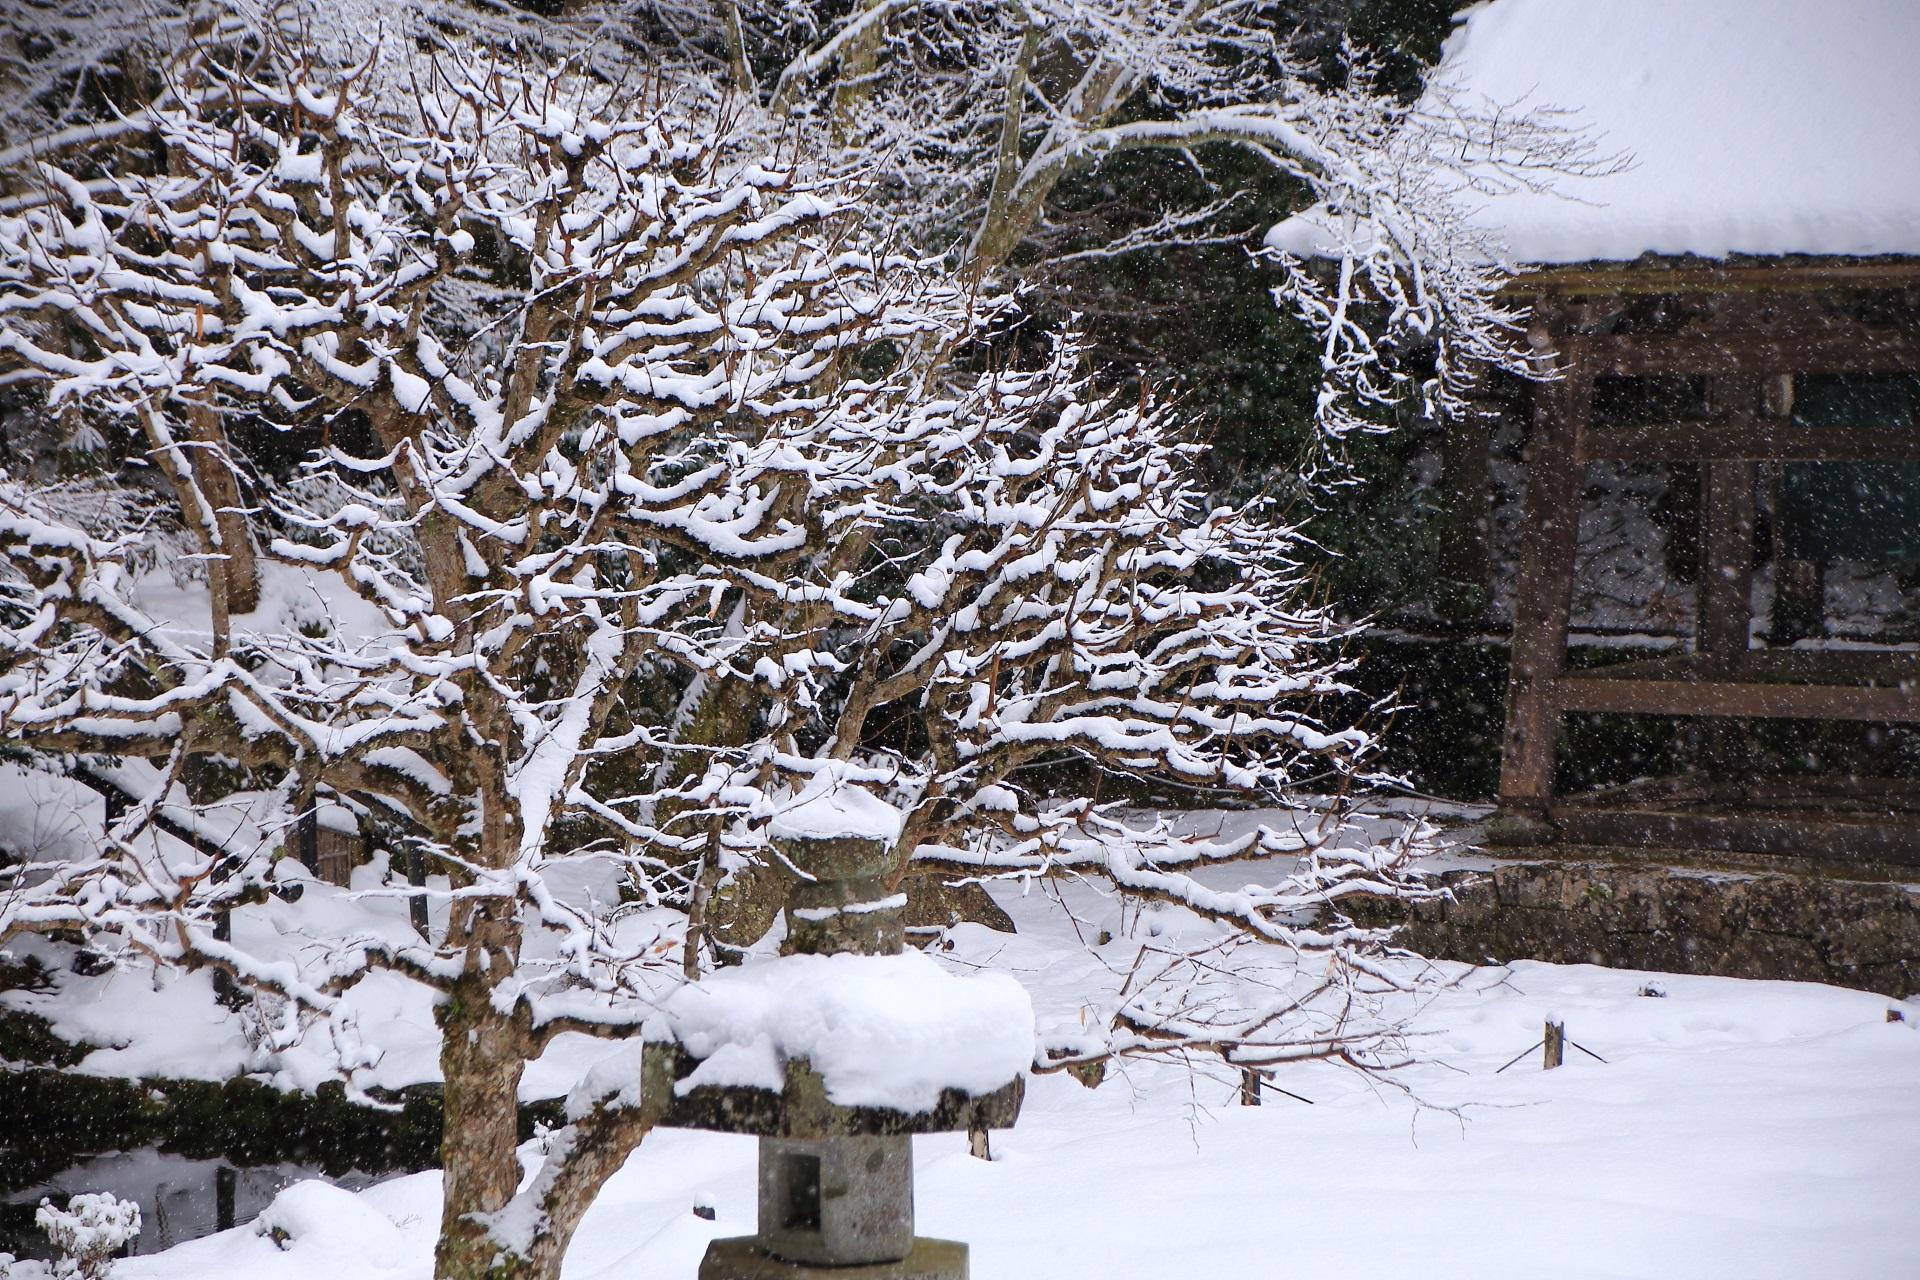 綺麗な雪の花が咲く勝林院